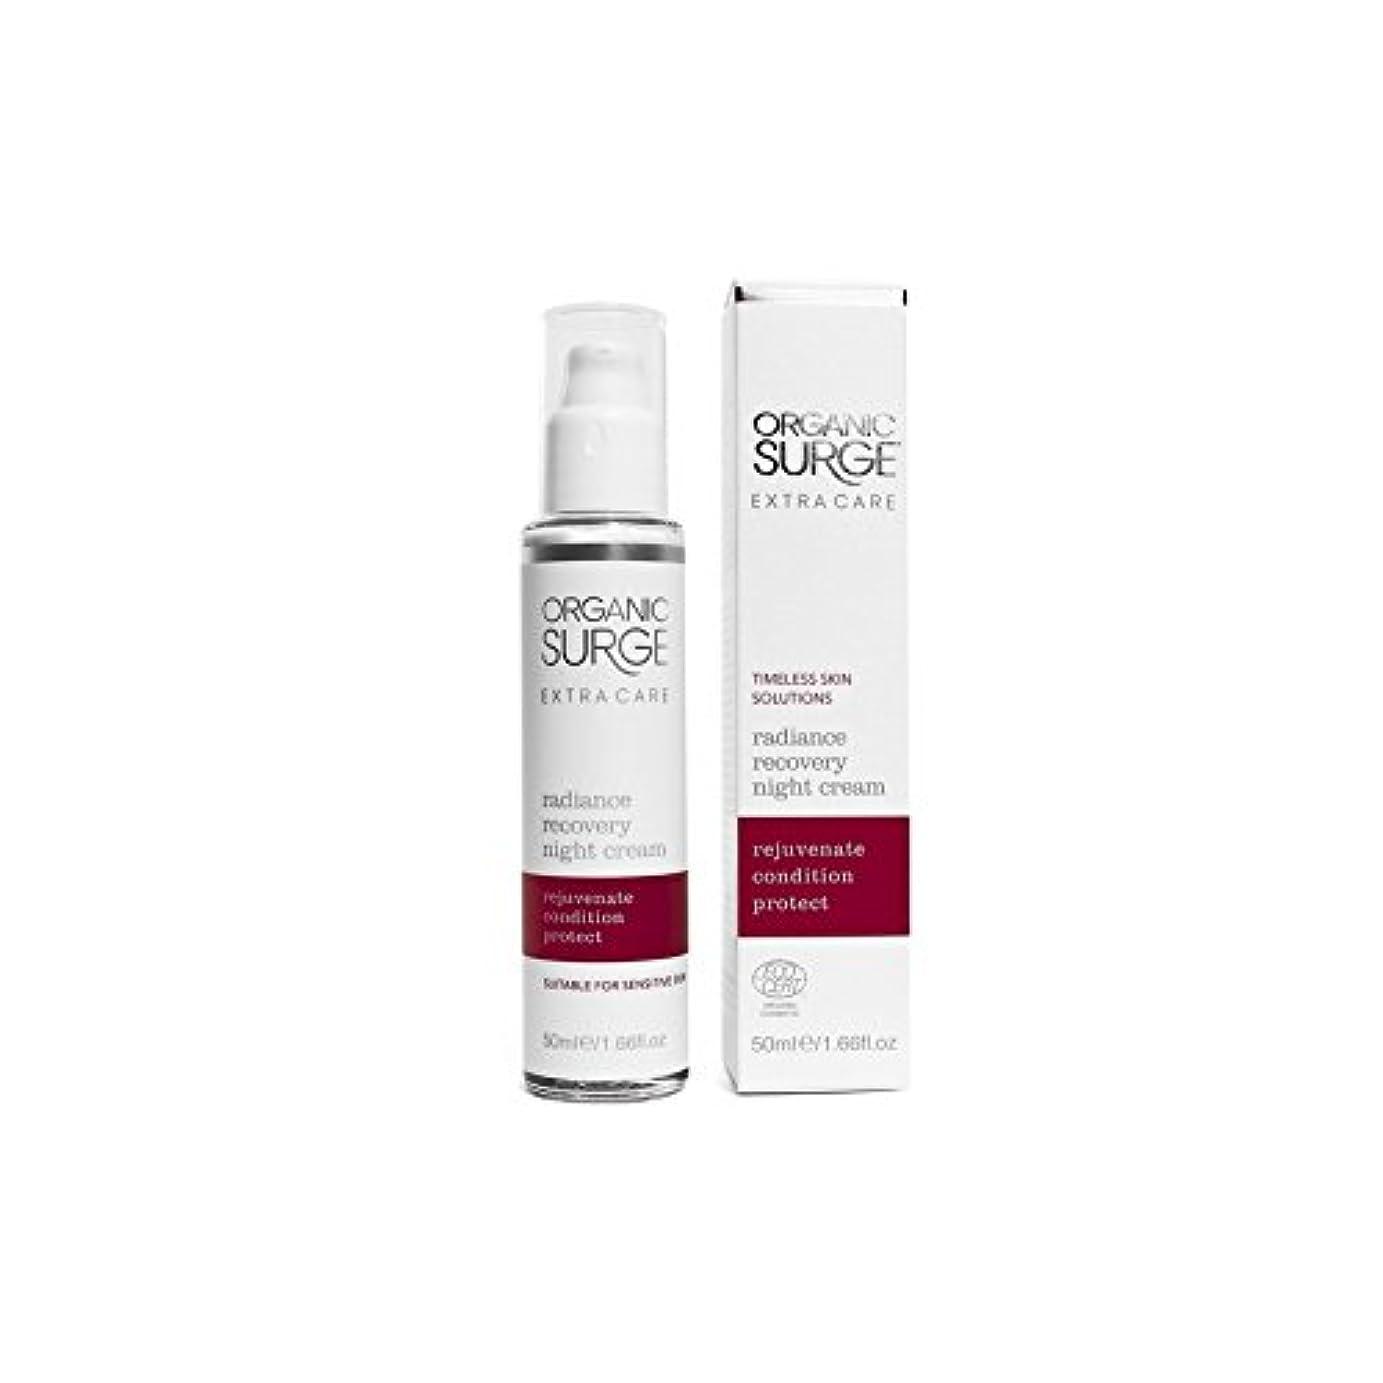 鰐慎重プラカード有機サージエクストラケア輝き回復ナイトクリーム(50ミリリットル) x2 - Organic Surge Extra Care Radiance Recovery Night Cream (50ml) (Pack of 2) [並行輸入品]